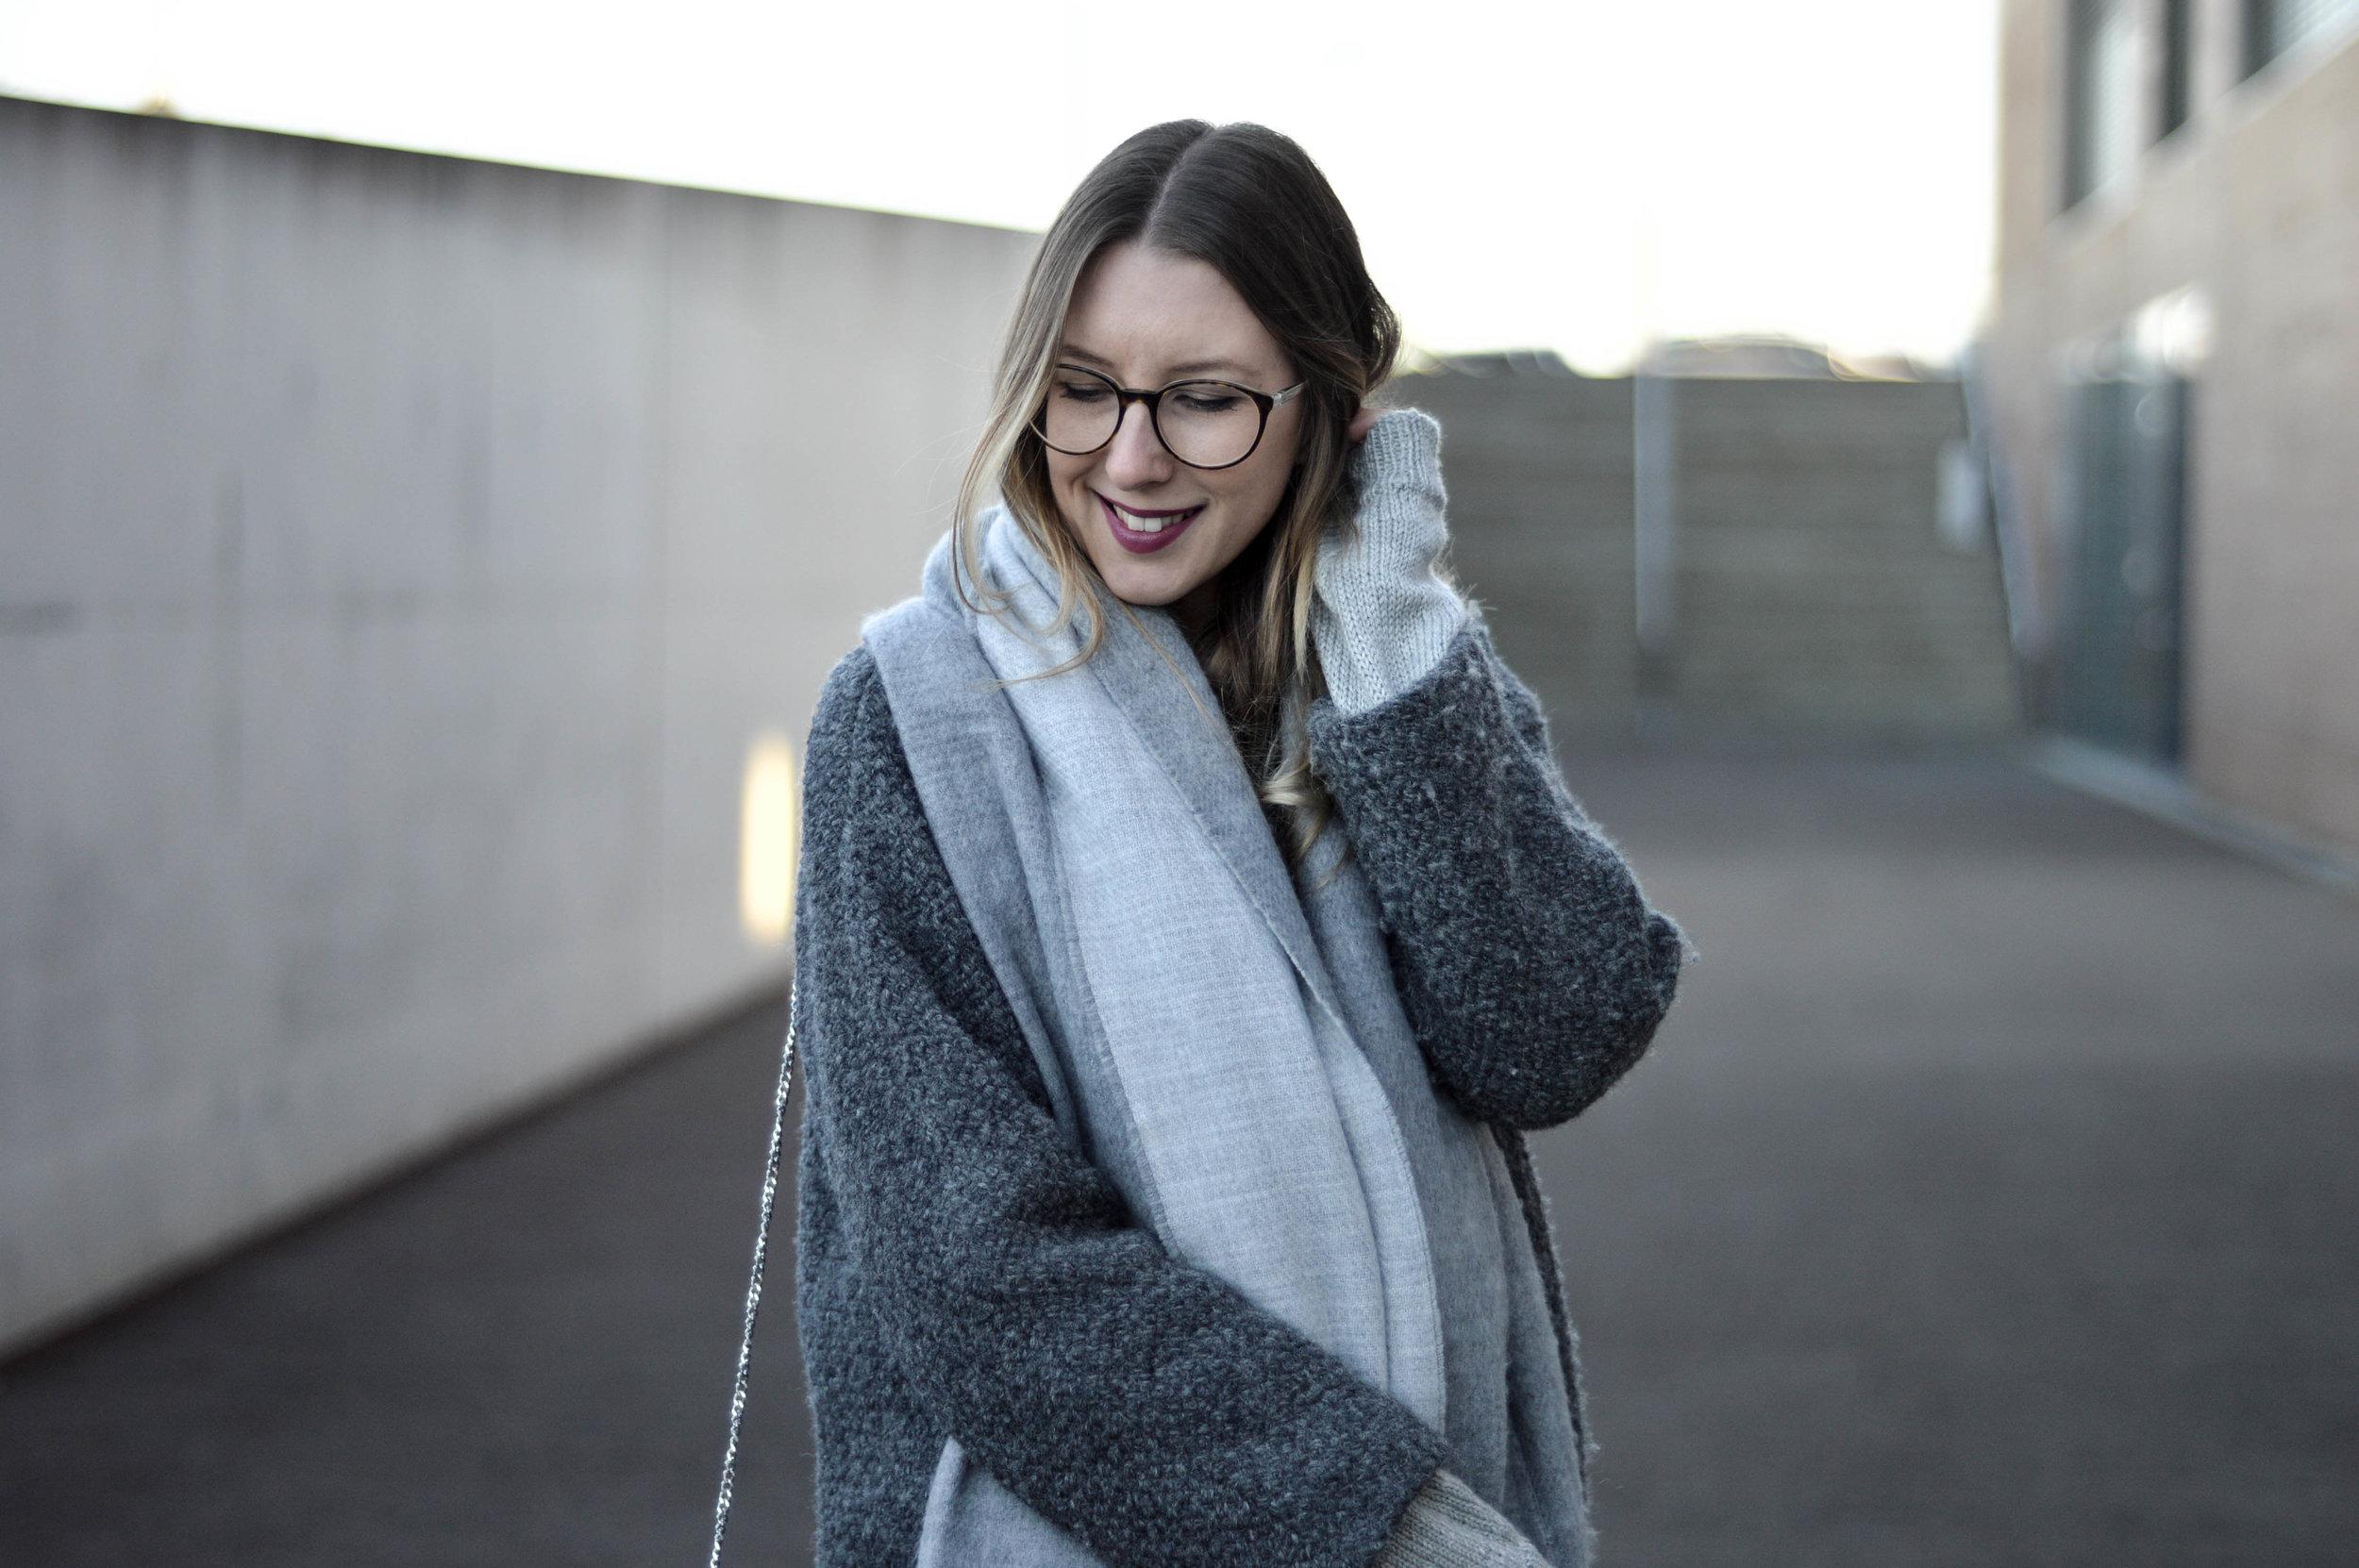 Grey Coat - OSIARAH.COM (9 of 18).jpg